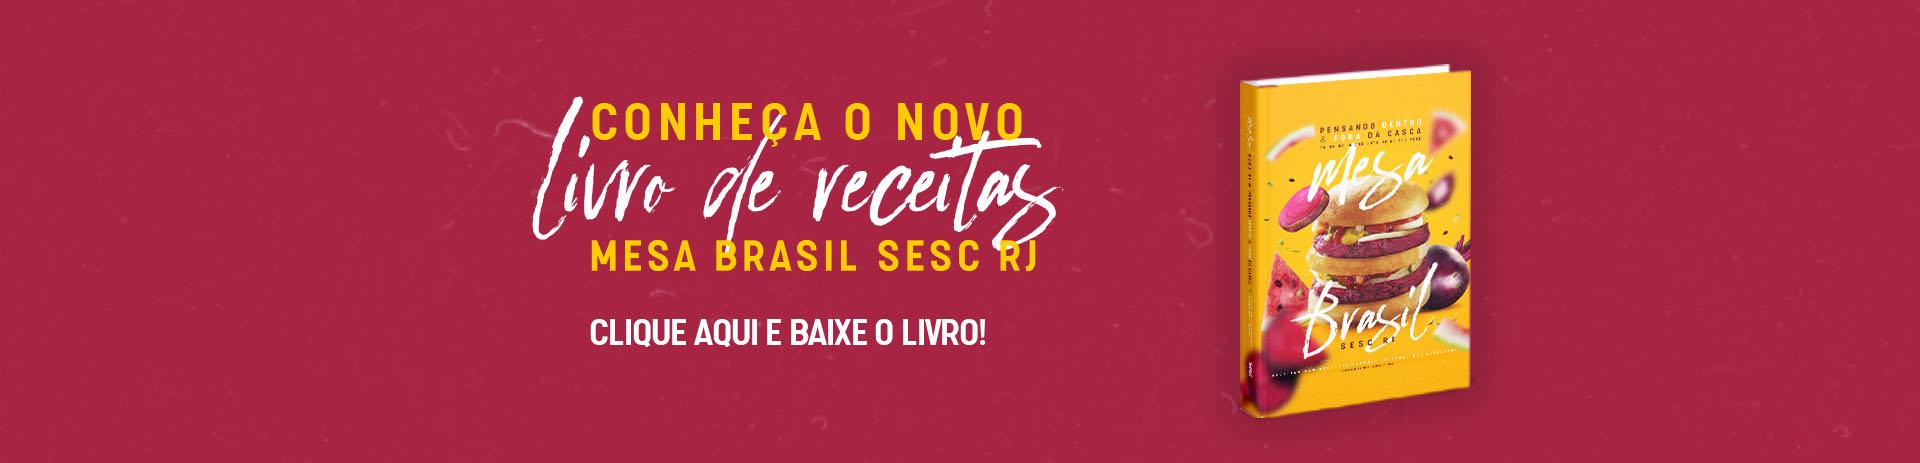 Livro de receitas do Mesa Brasil Sesc RJ edição 2021